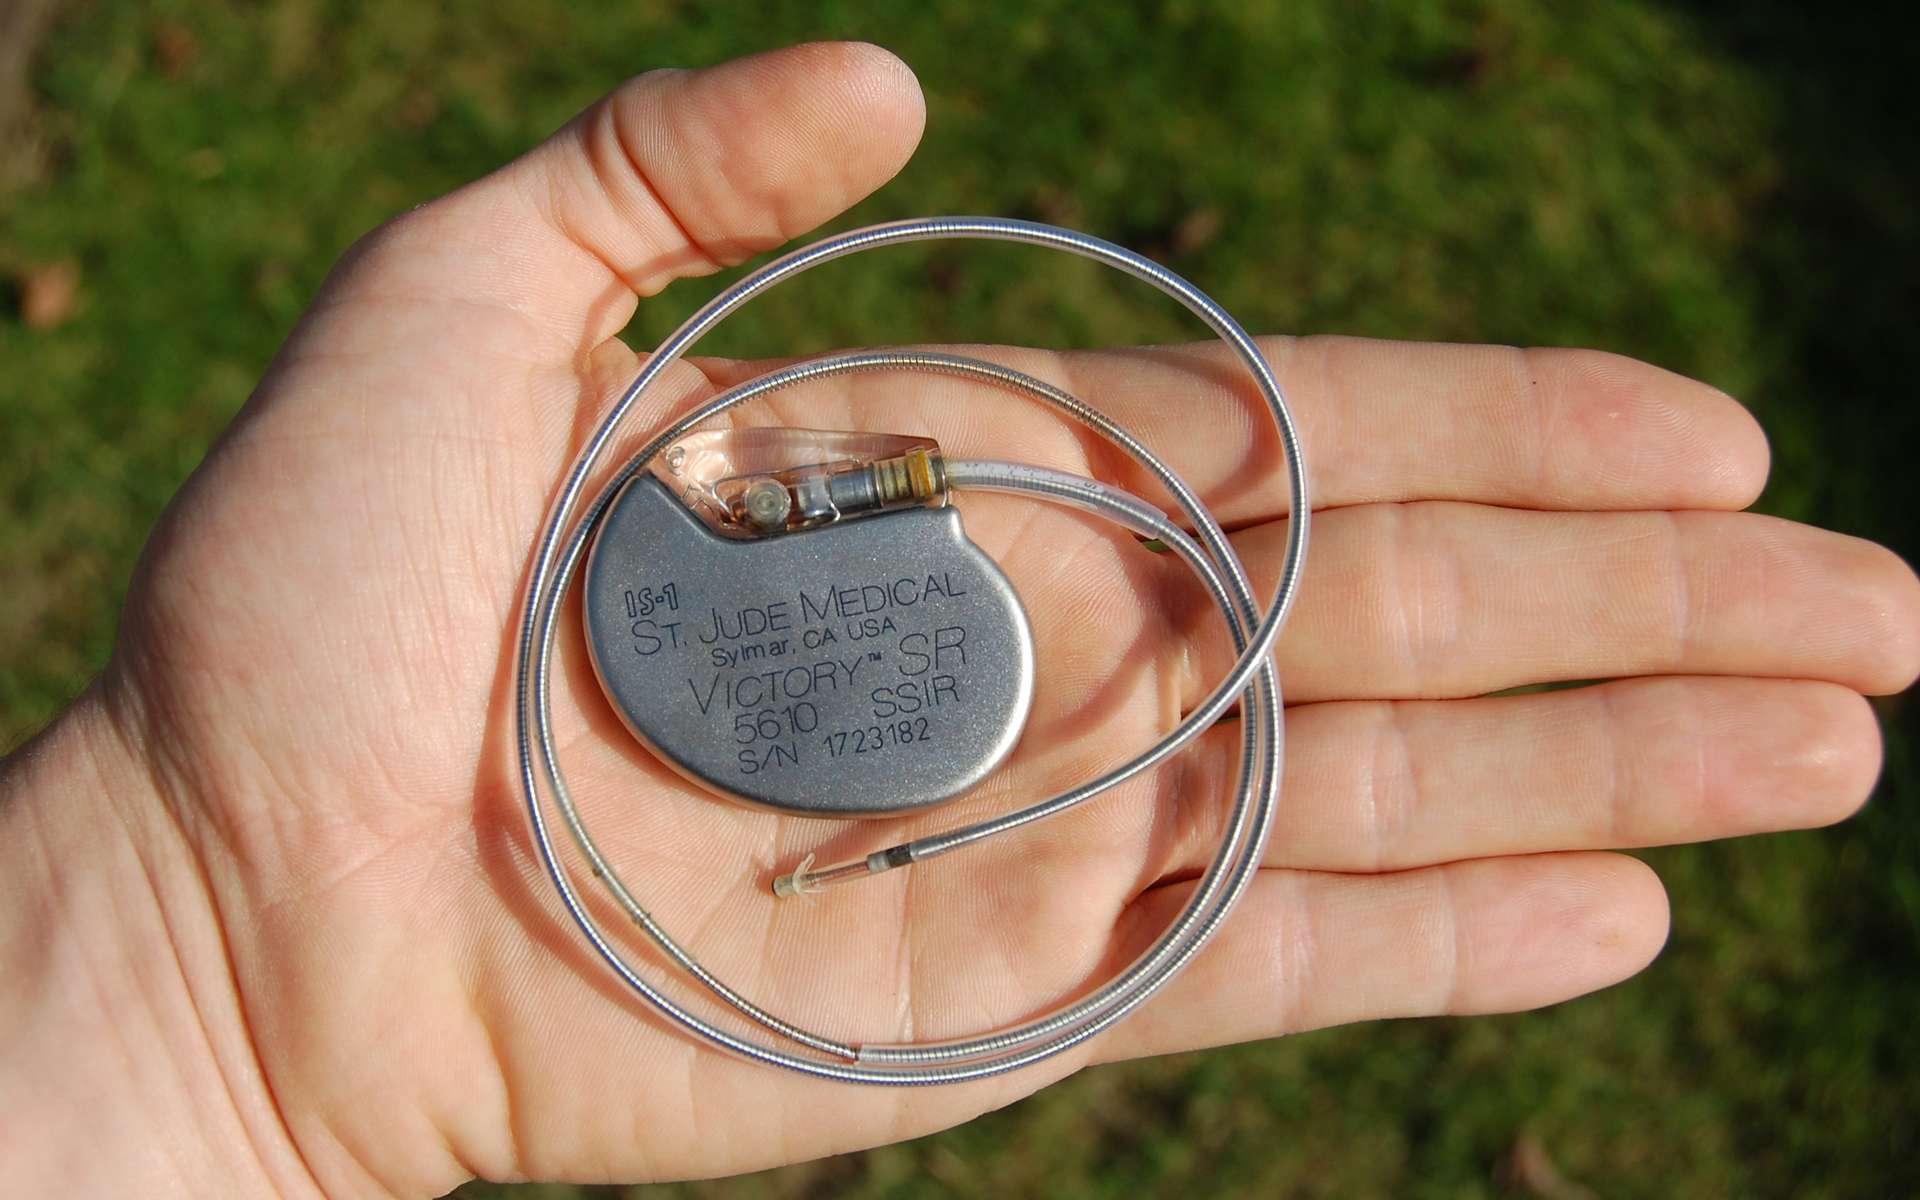 Un pacemaker classique. C'est un stimulateur cardiaque qui provoque une contraction du muscle du cœur grâce à une impulsion électrique. Il normalise le rythme cardiaque lorsque le cœur bat très lentement, ce qui peut provoquer une perte de connaissance ou une syncope, pouvant entraîner des chutes. © Steven Fruitsmaak